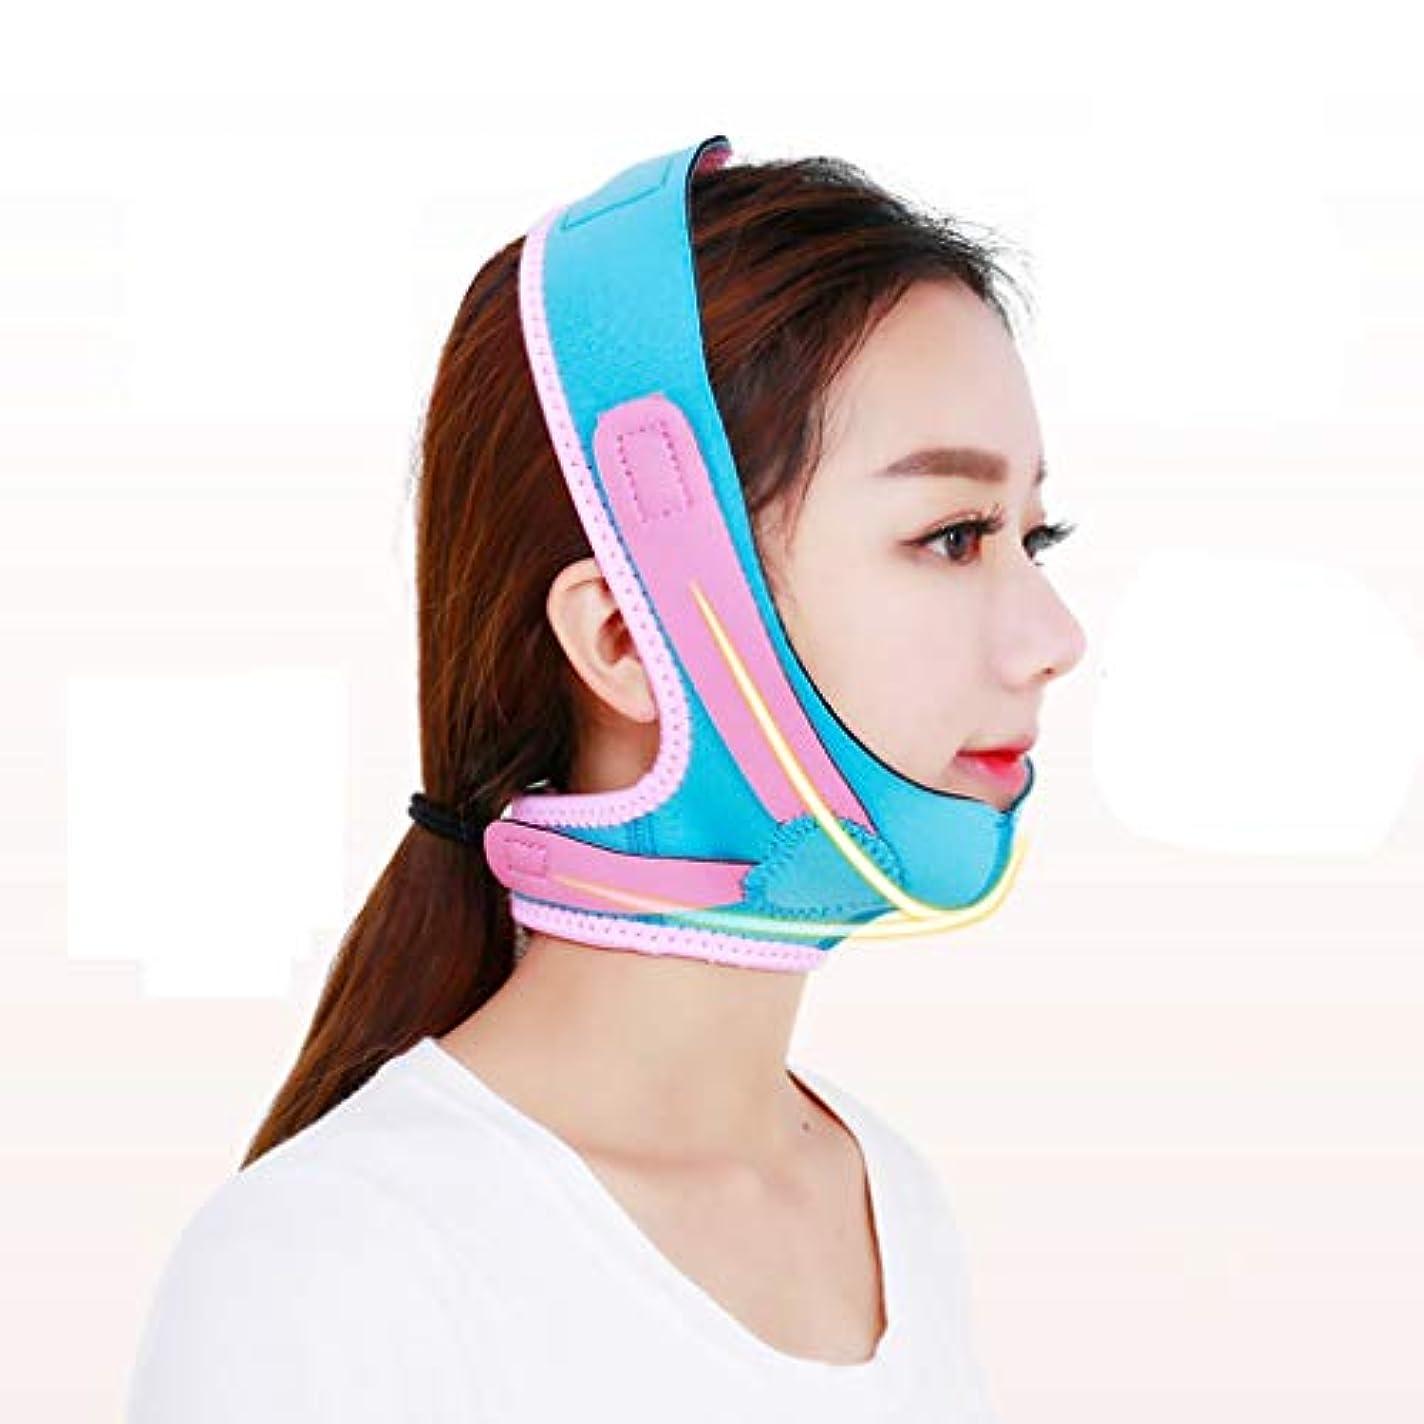 引き算スーダン郵便局顔の重量の損失の顔の計器の包帯小さな顔のステッカーの女性の睡眠の顎セット